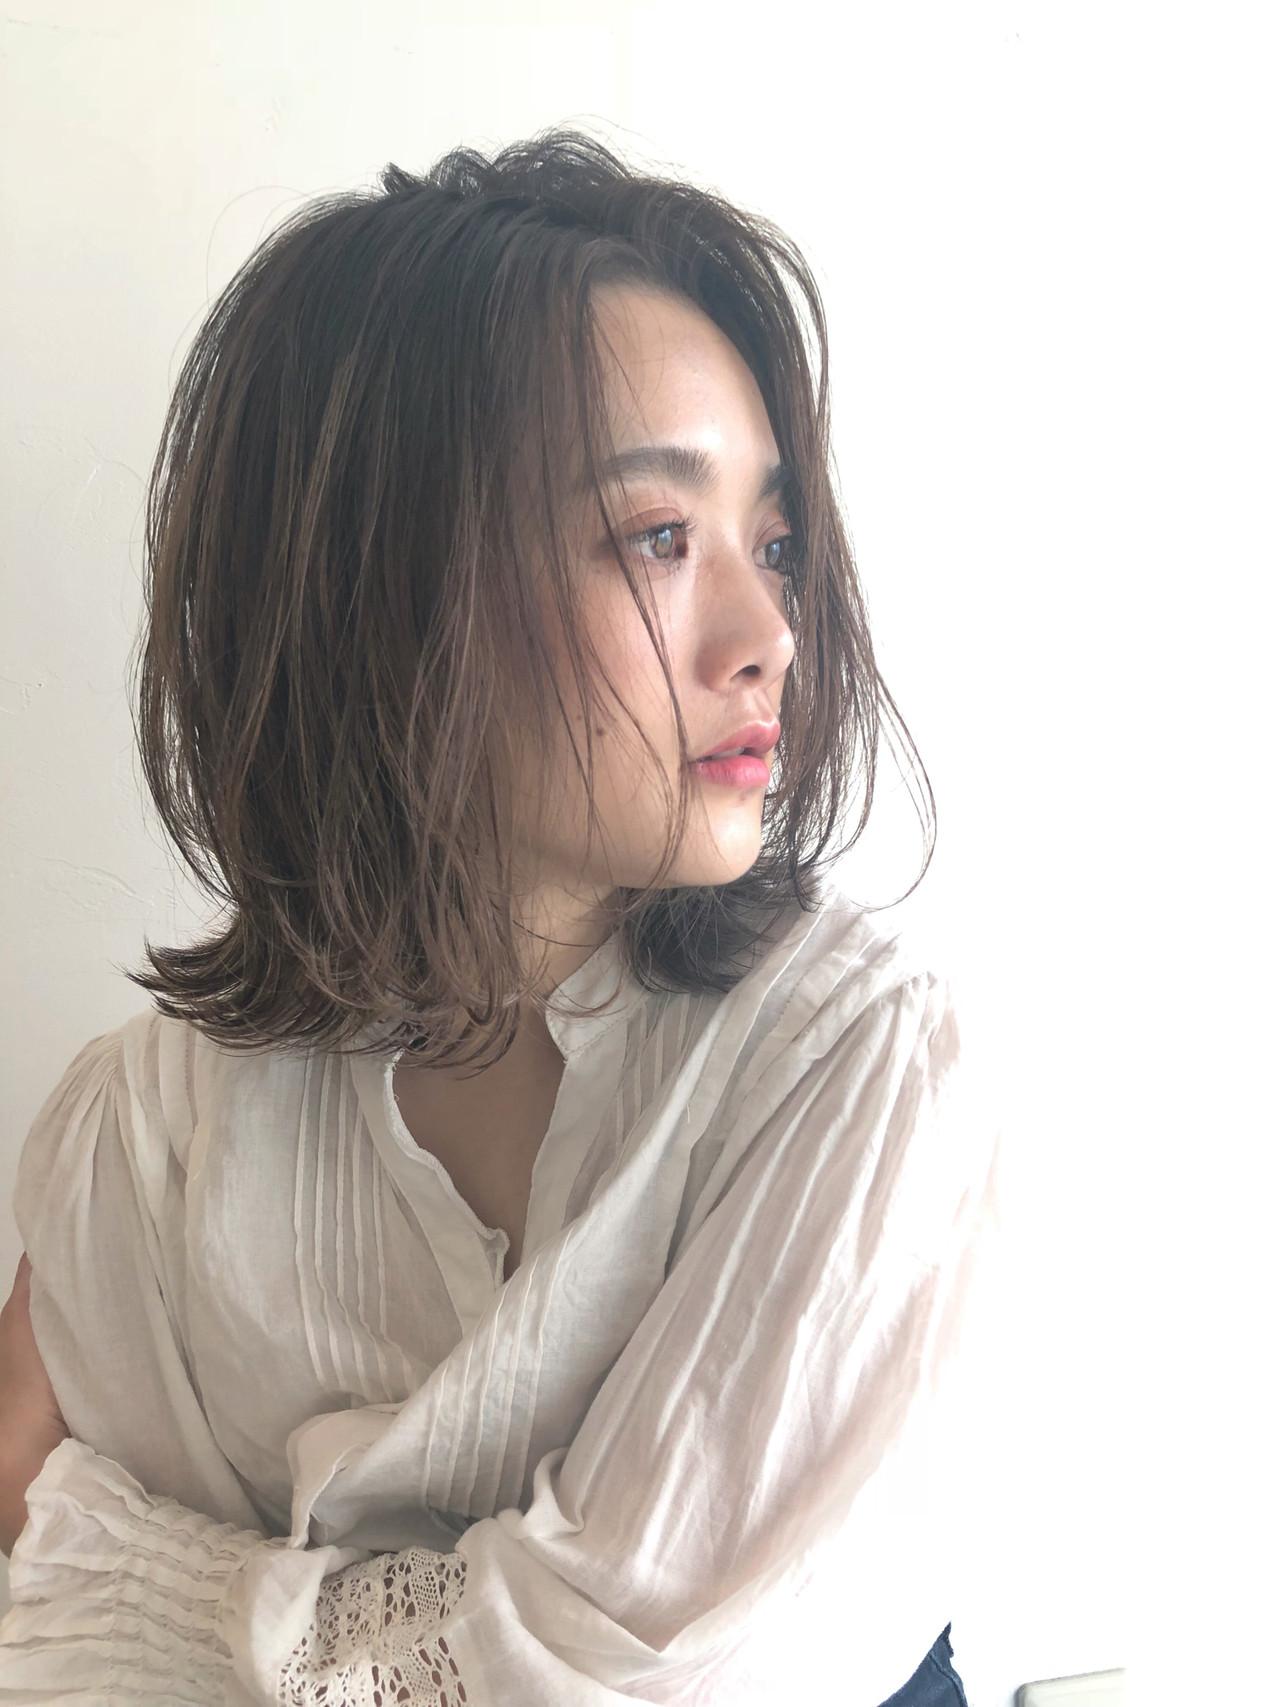 ナチュラル オフィス パーマ ボブ ヘアスタイルや髪型の写真・画像 | 吉田伊織 / NEUTRAL produced by GARDEN